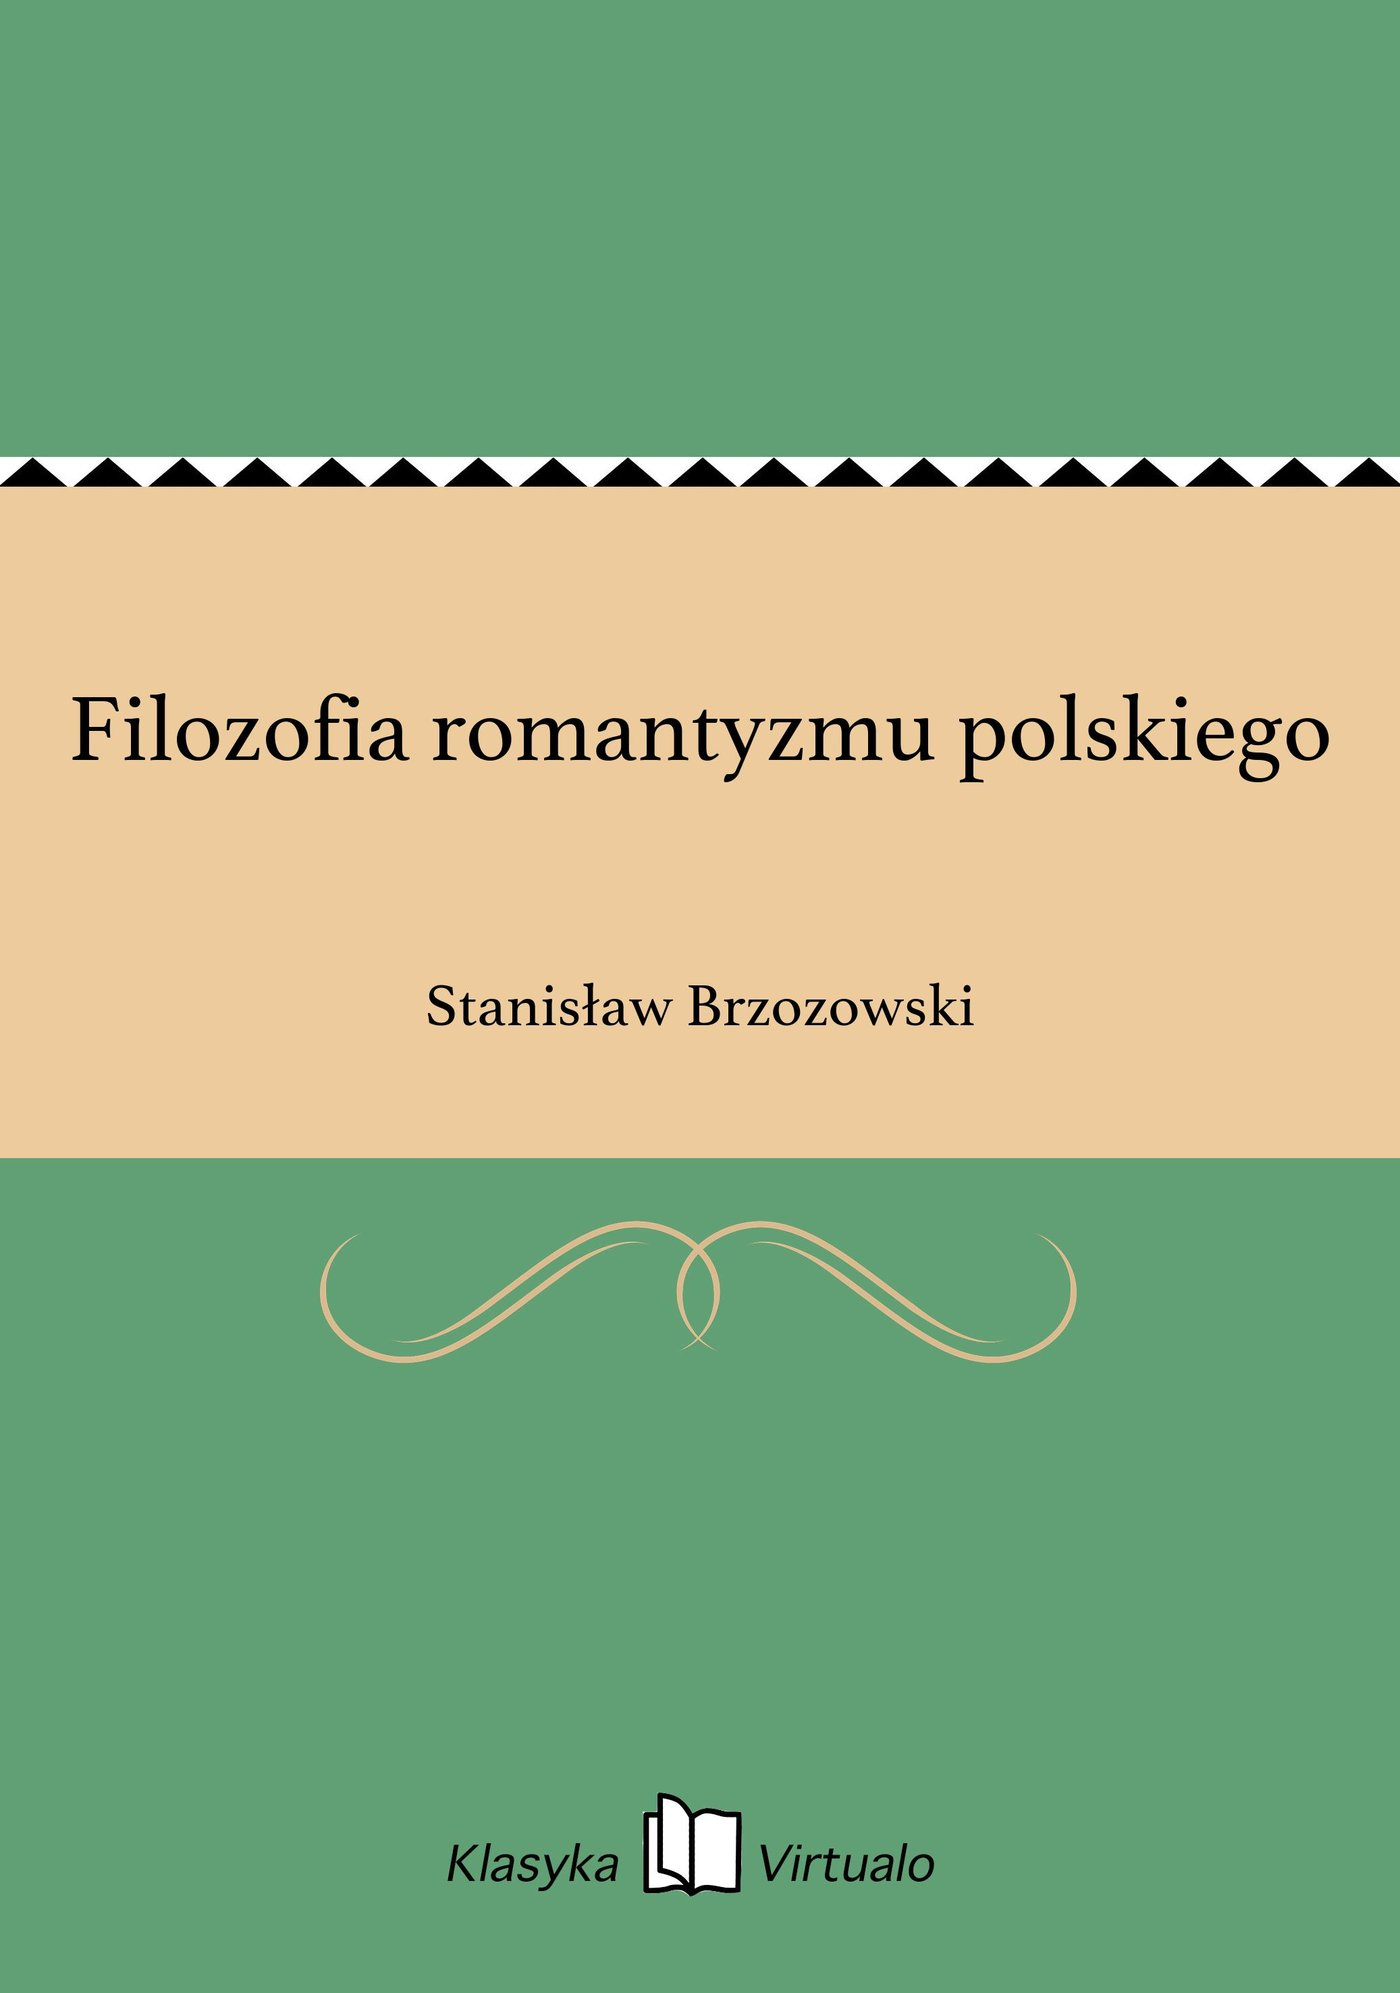 Filozofia romantyzmu polskiego - Ebook (Książka na Kindle) do pobrania w formacie MOBI